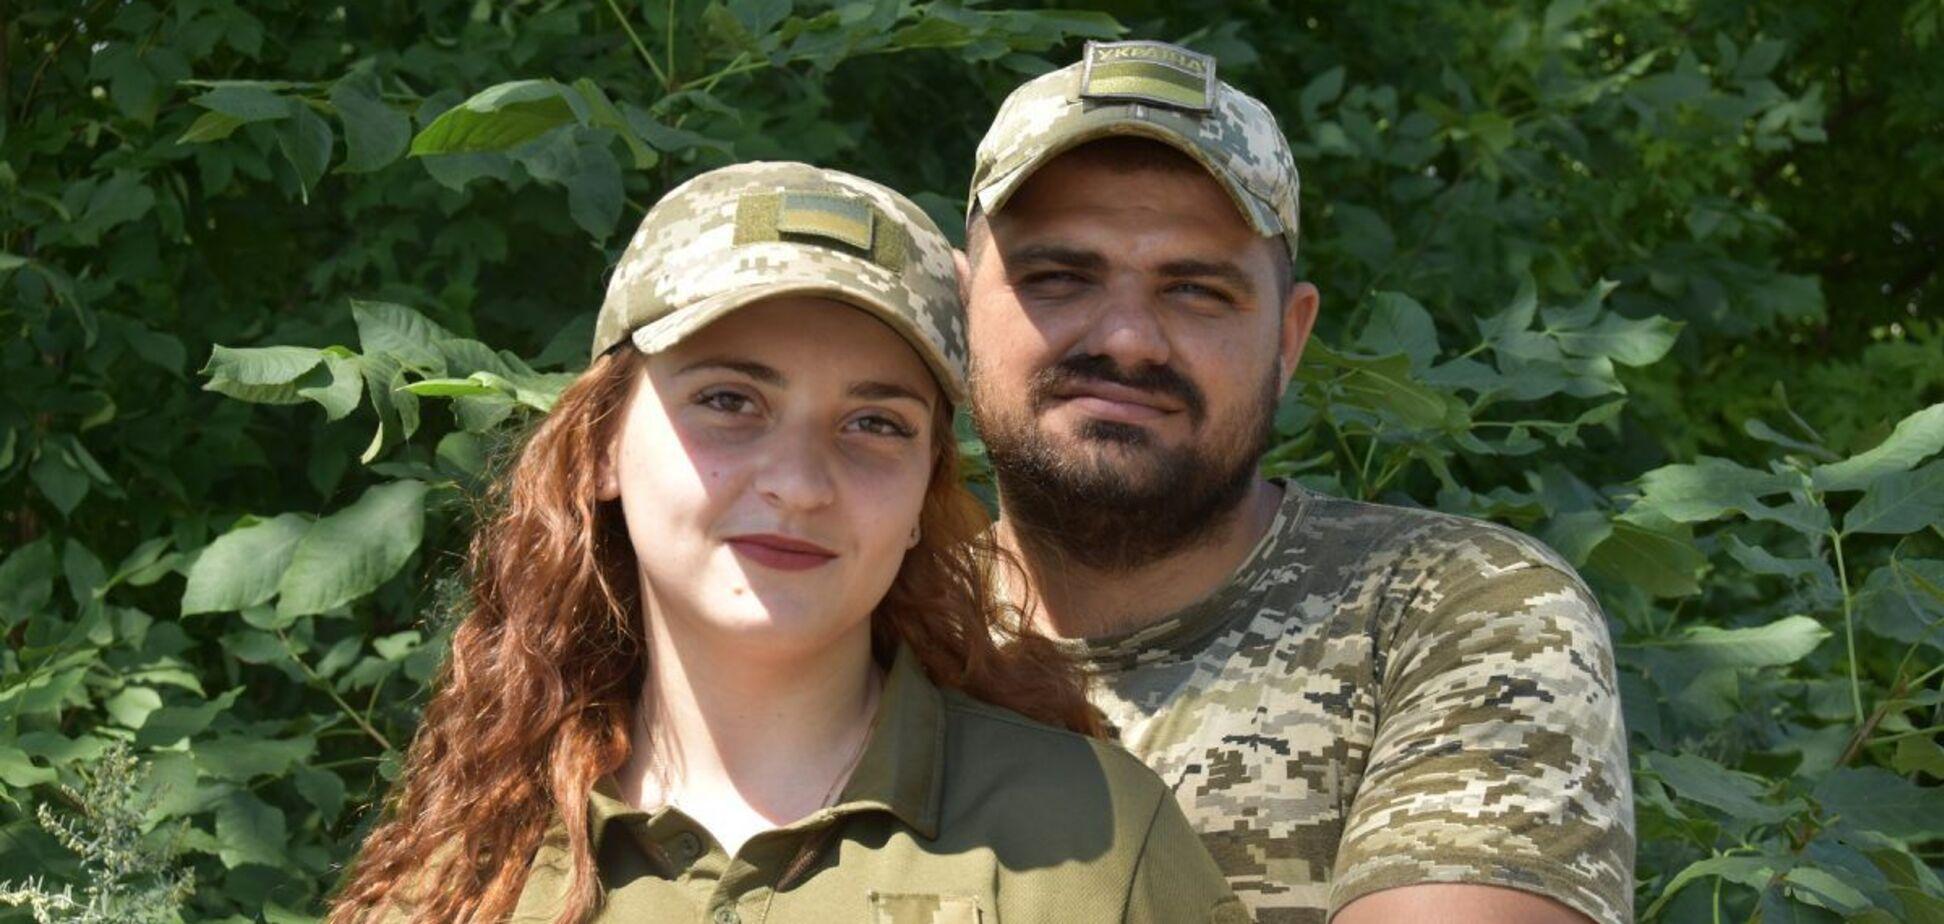 Супруги Руслан и Даниэла Гвоздецкие вместе служат в 93 ОМБр ВСУ